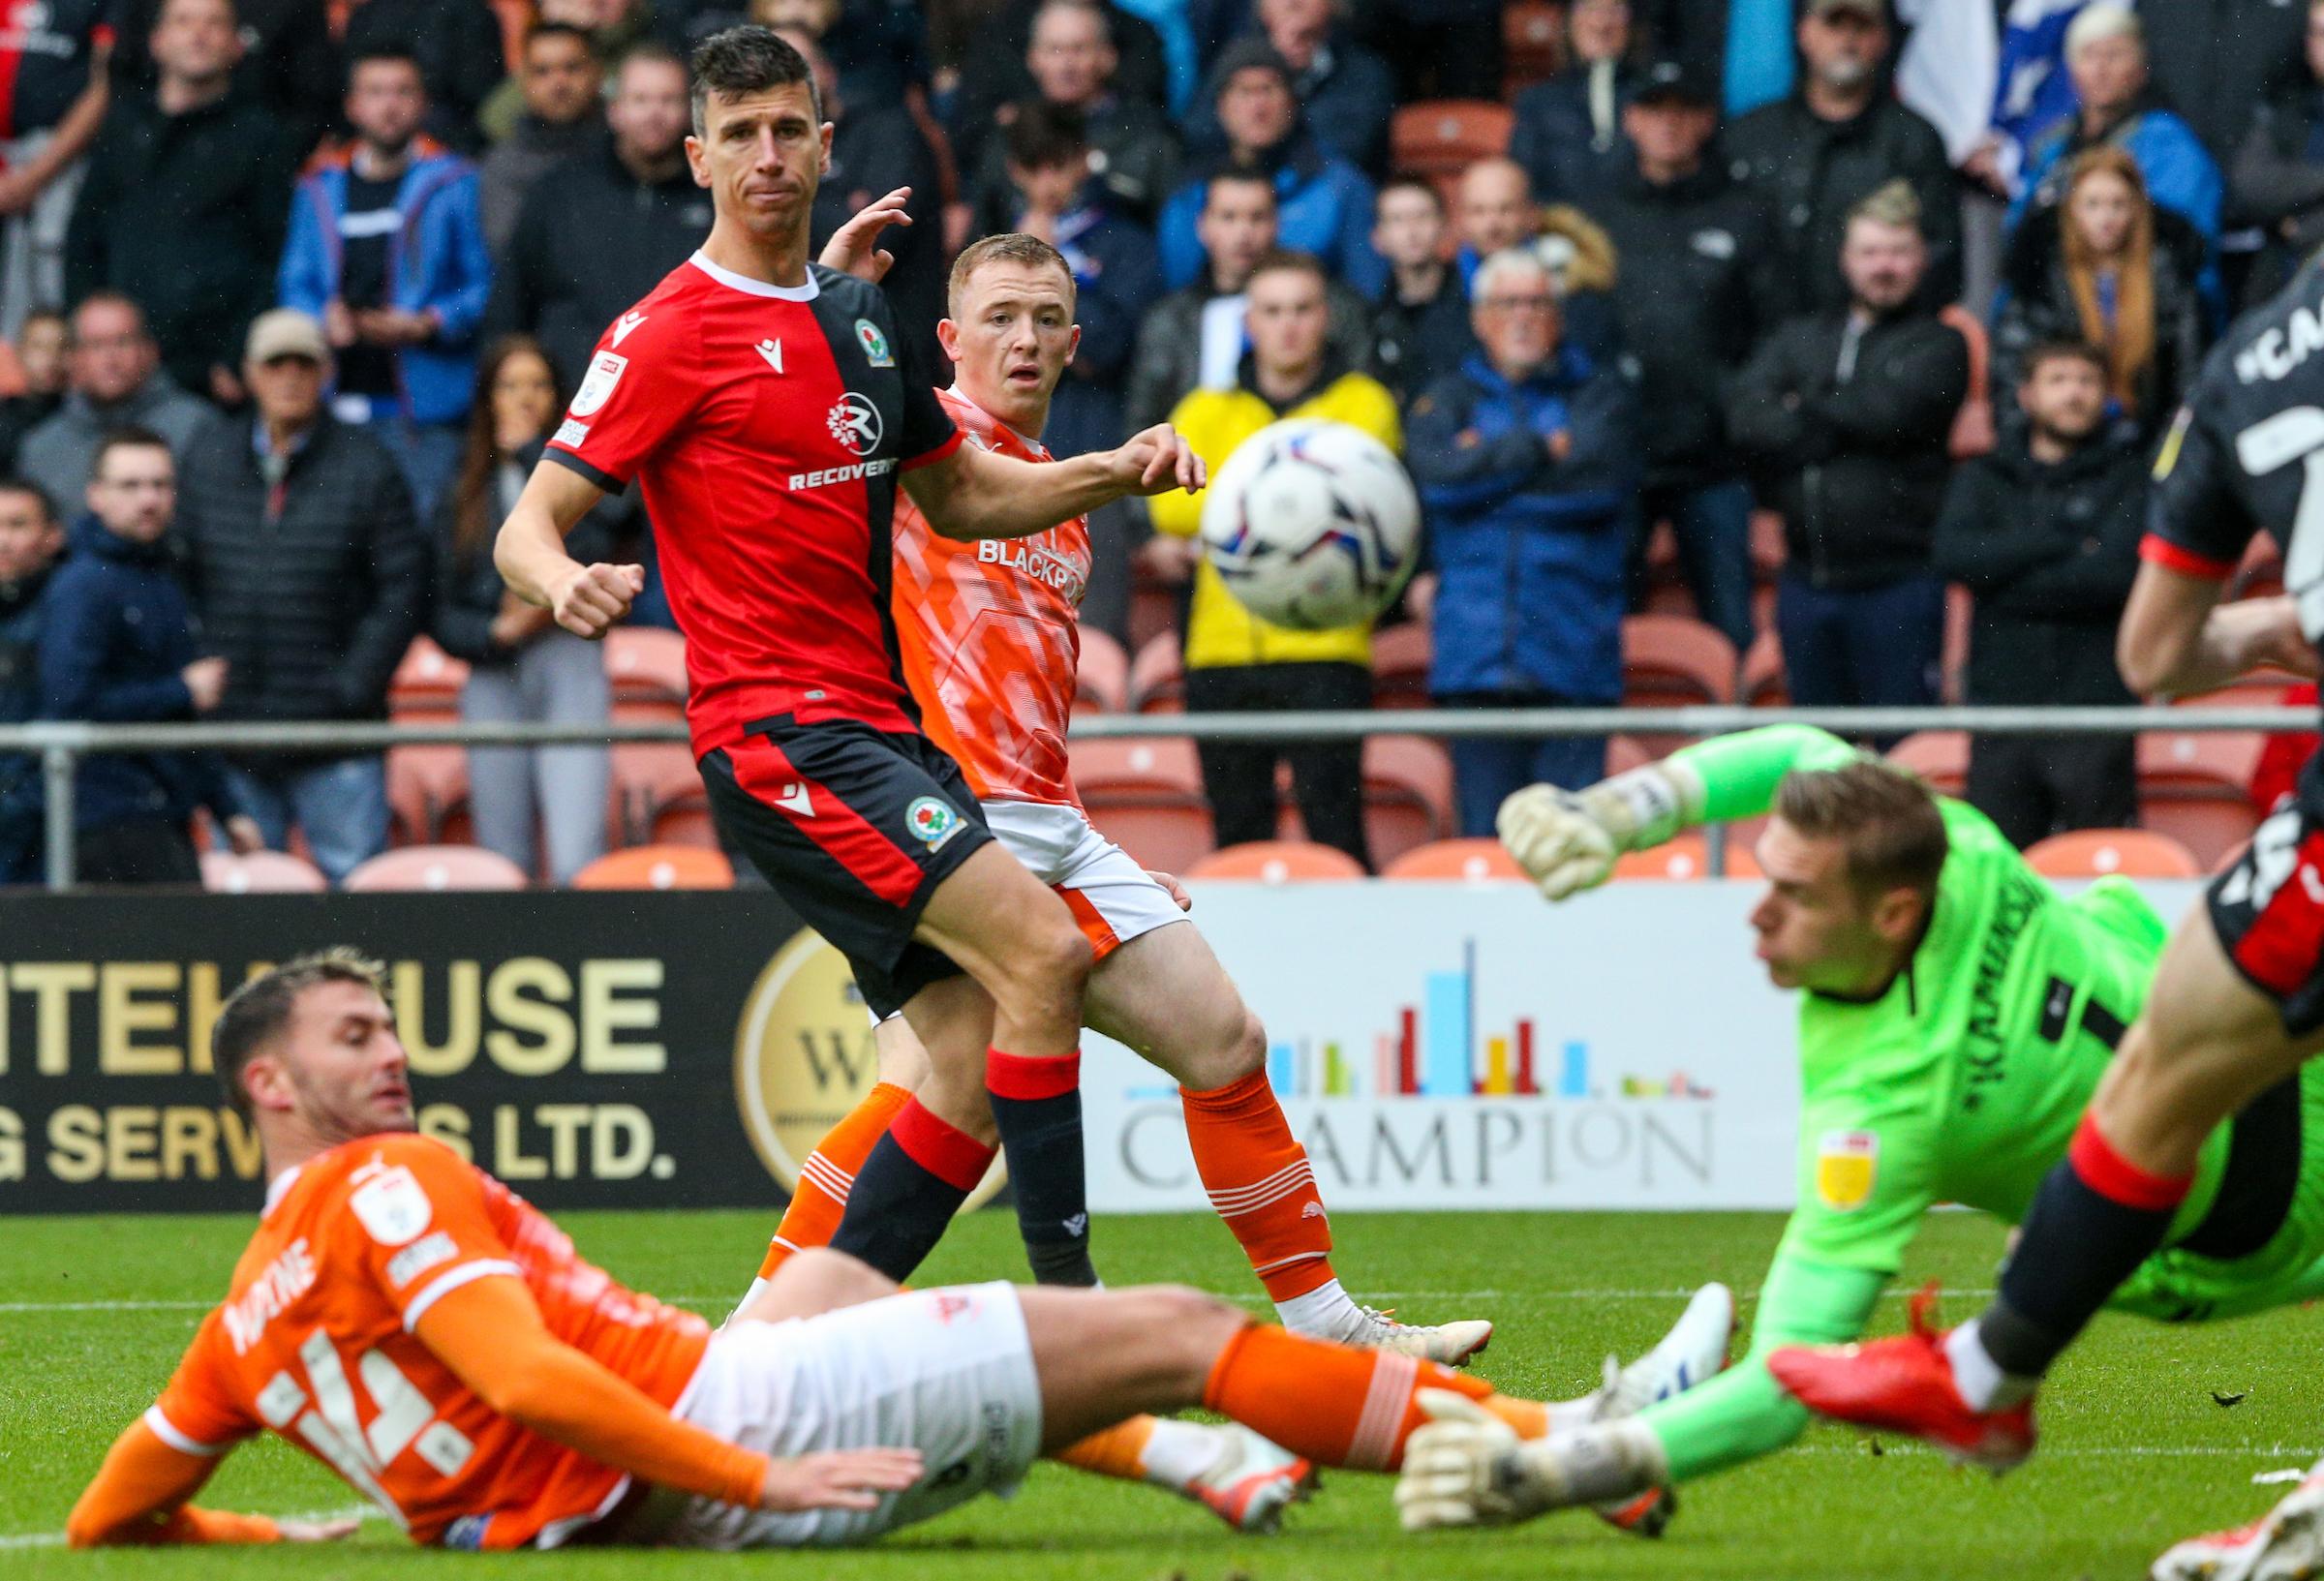 Las fallas en la primera mitad le costaron al Blackburn Rovers en la derrota del Blackpool